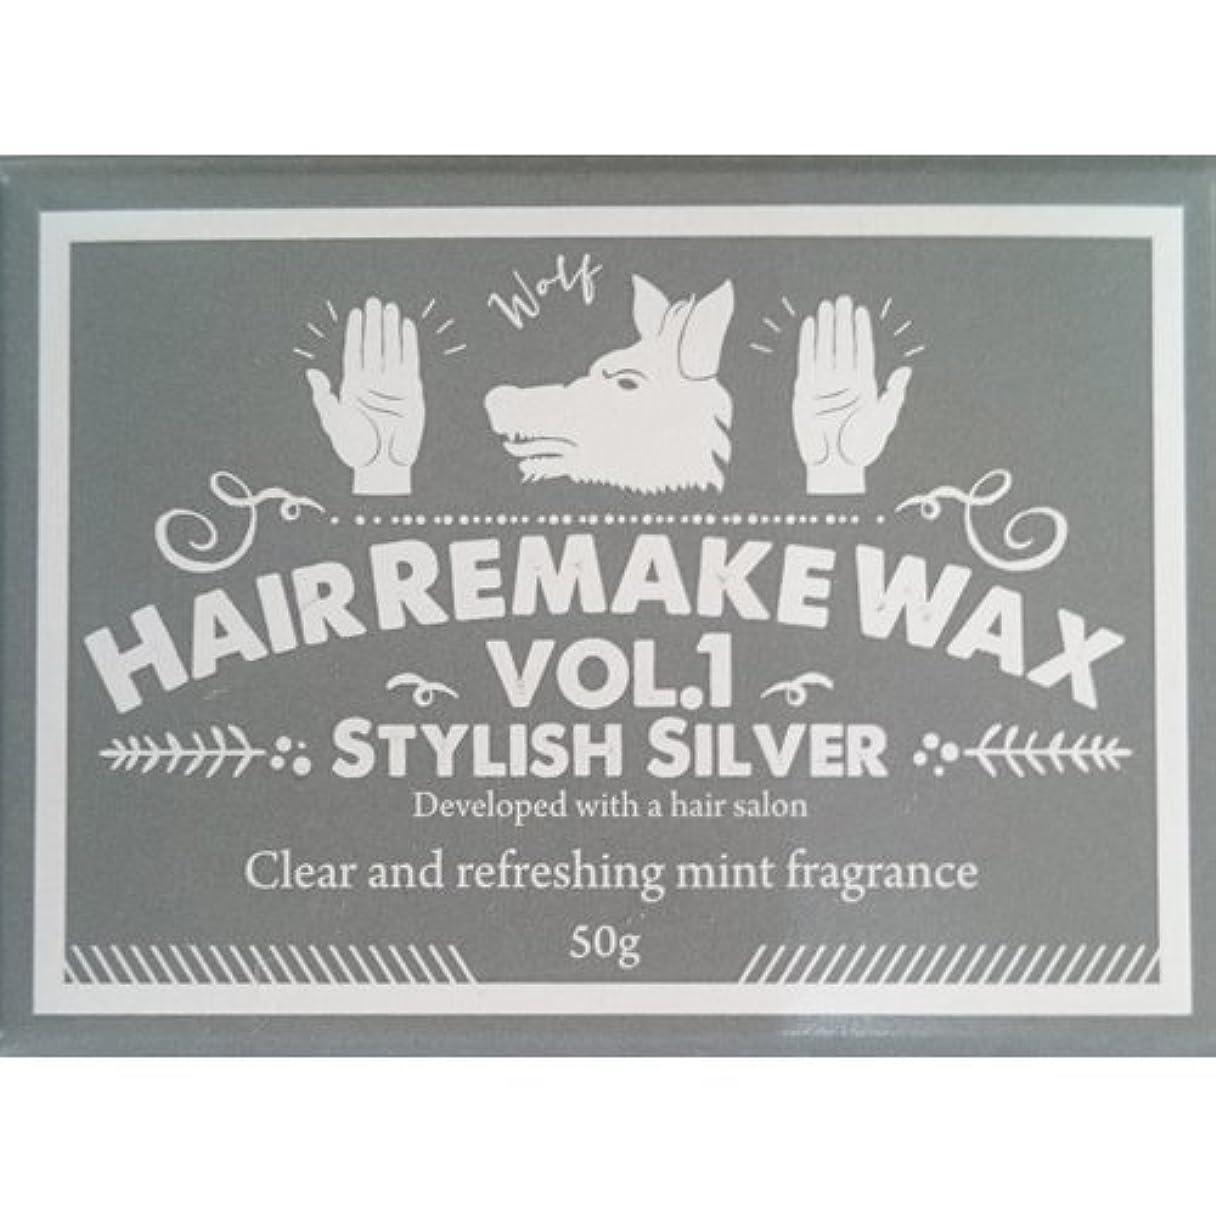 無礼に側競合他社選手パーティー 変装 銀髪用 Hair Remake(ヘアーリメイクワックス)WAX Vol.1 スタイリッシュシルバー 50g